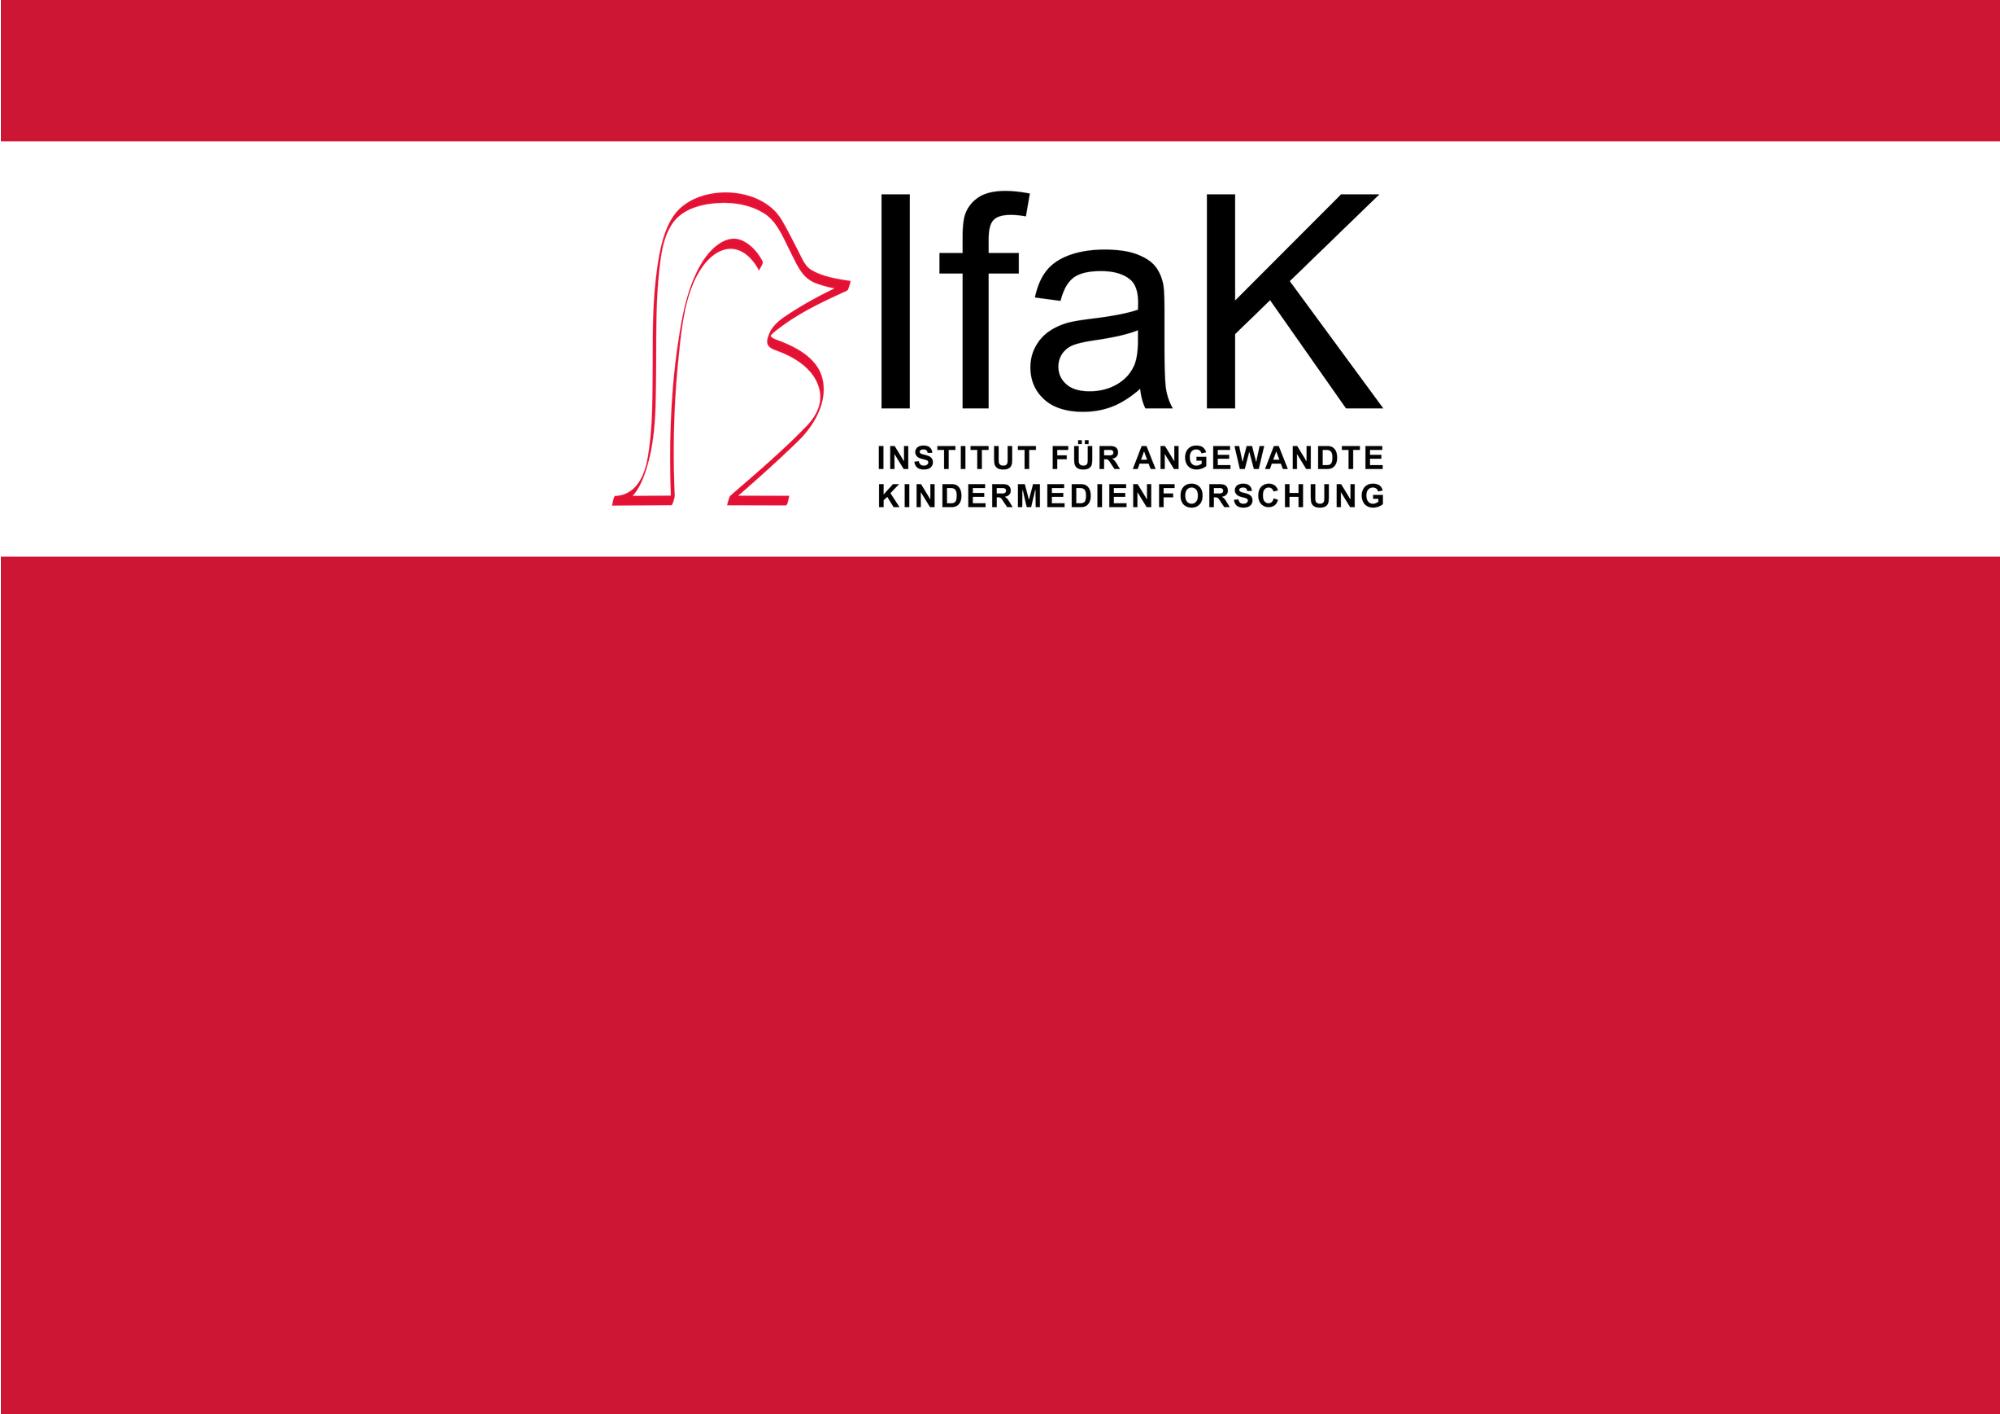 IfaK – Institut für angewandte Kindermedienforschung